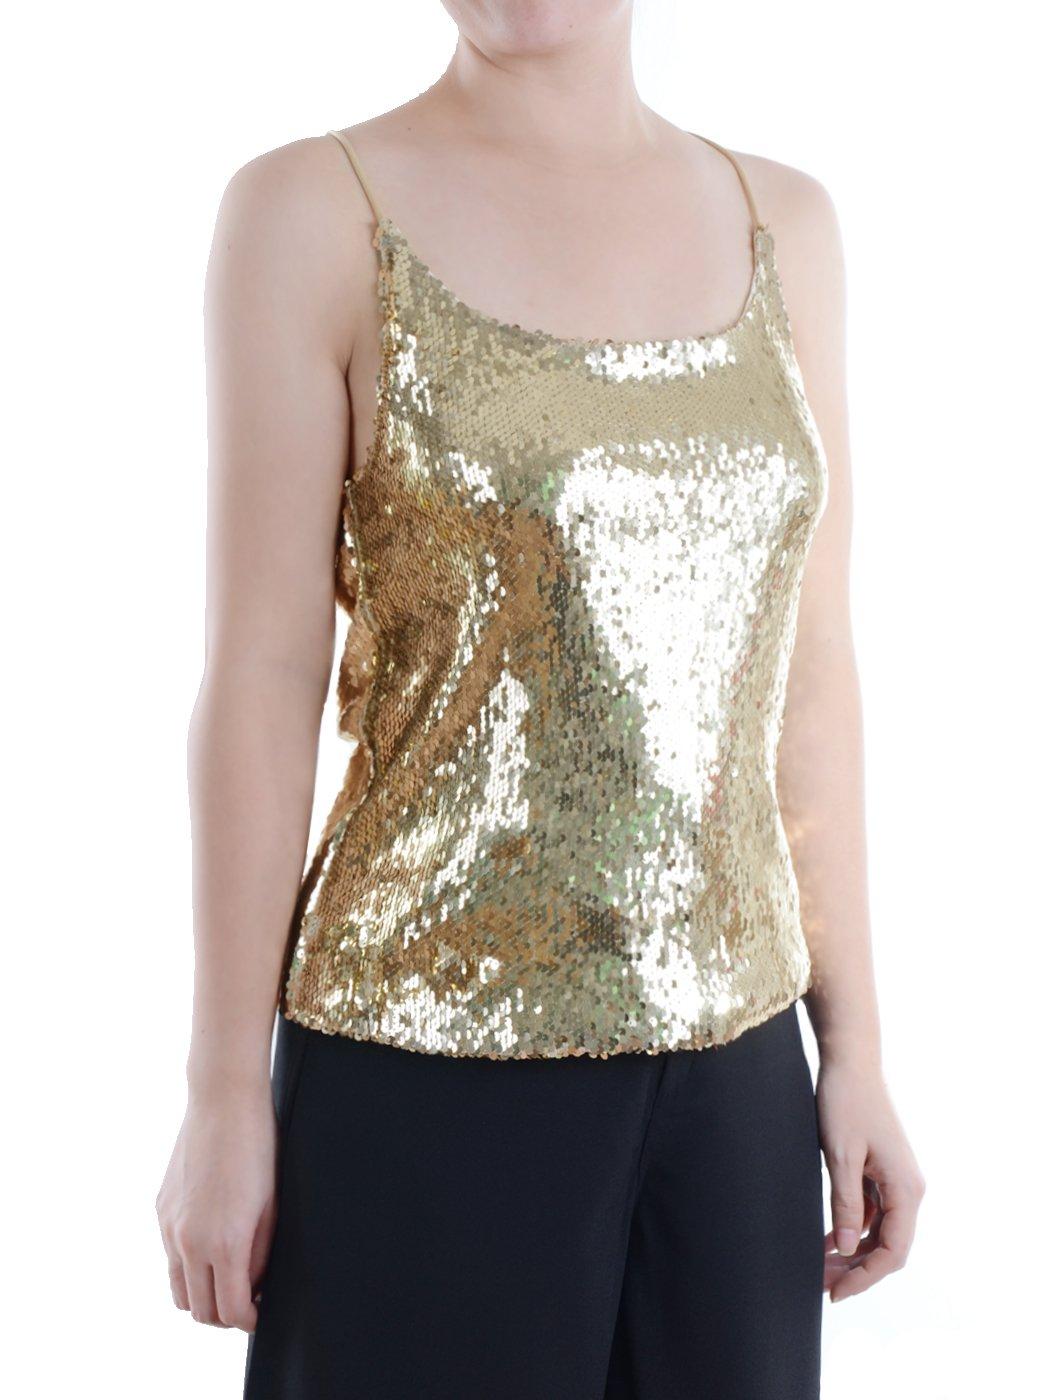 aeccc1c025013 Galleon - Anna-Kaci Womens All Over Shiny Sequin Spaghetti Strap Vest Tank  Top